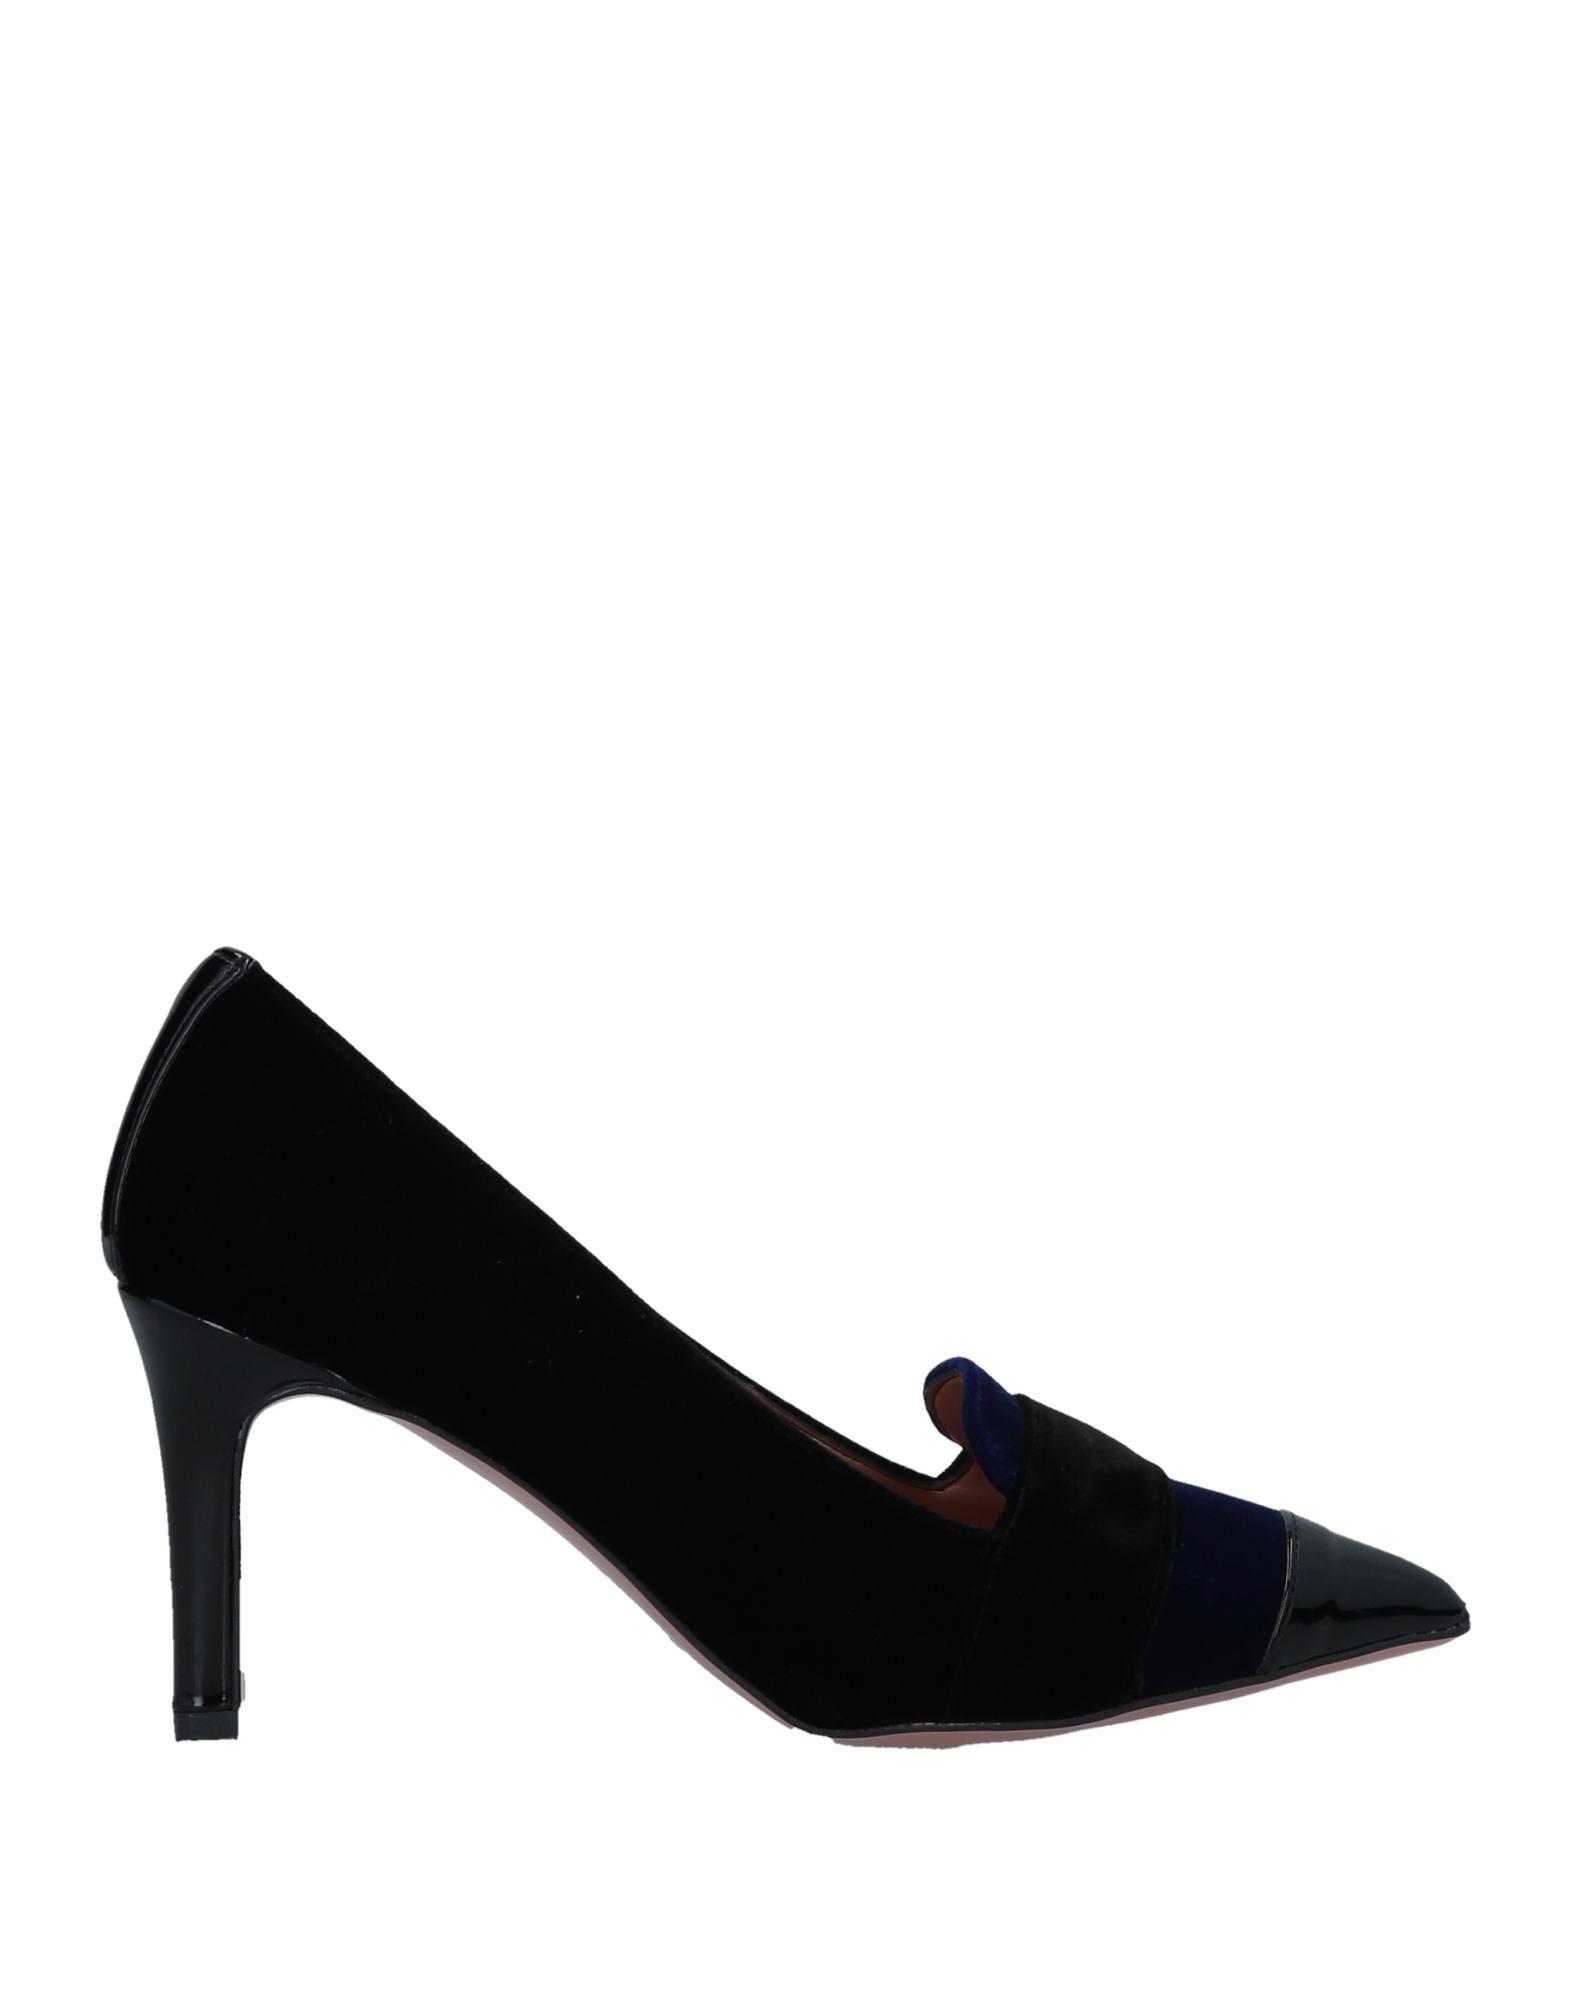 Loretta By Loretta Pumps Damen Damen Damen  11506525MX Gute Qualität beliebte Schuhe 9f947c